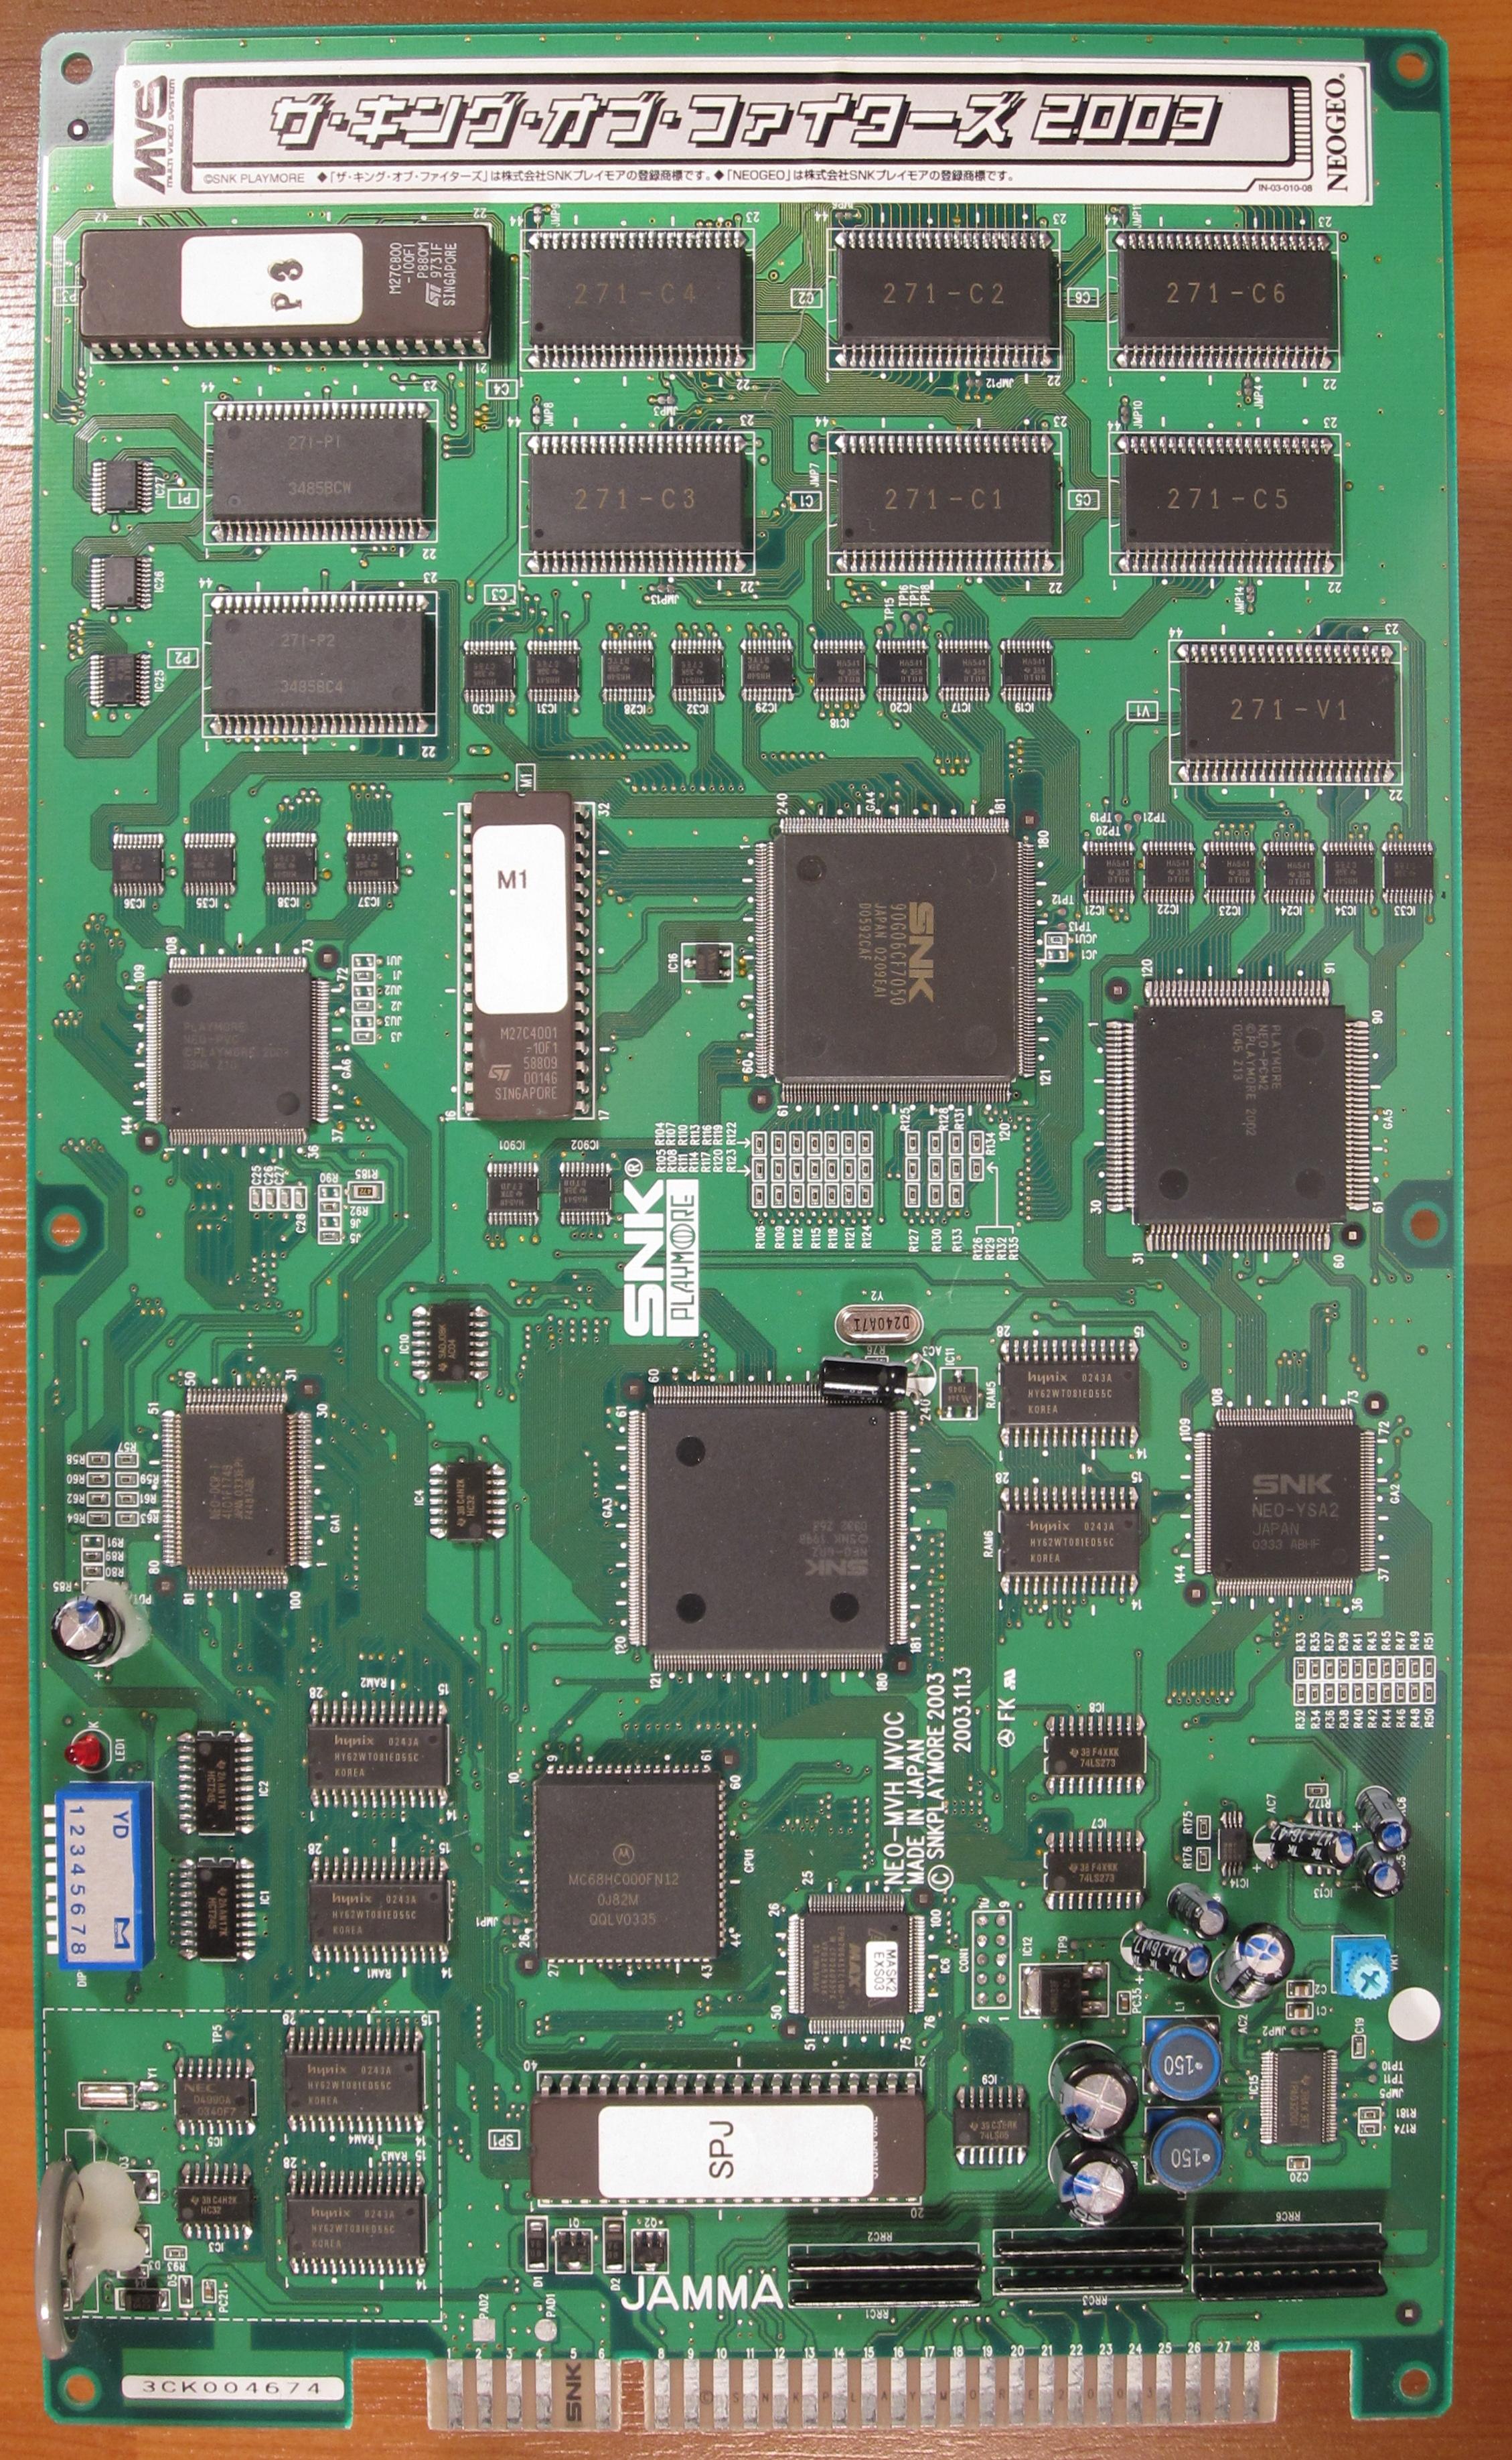 Kof2003_pcb1_front.jpg